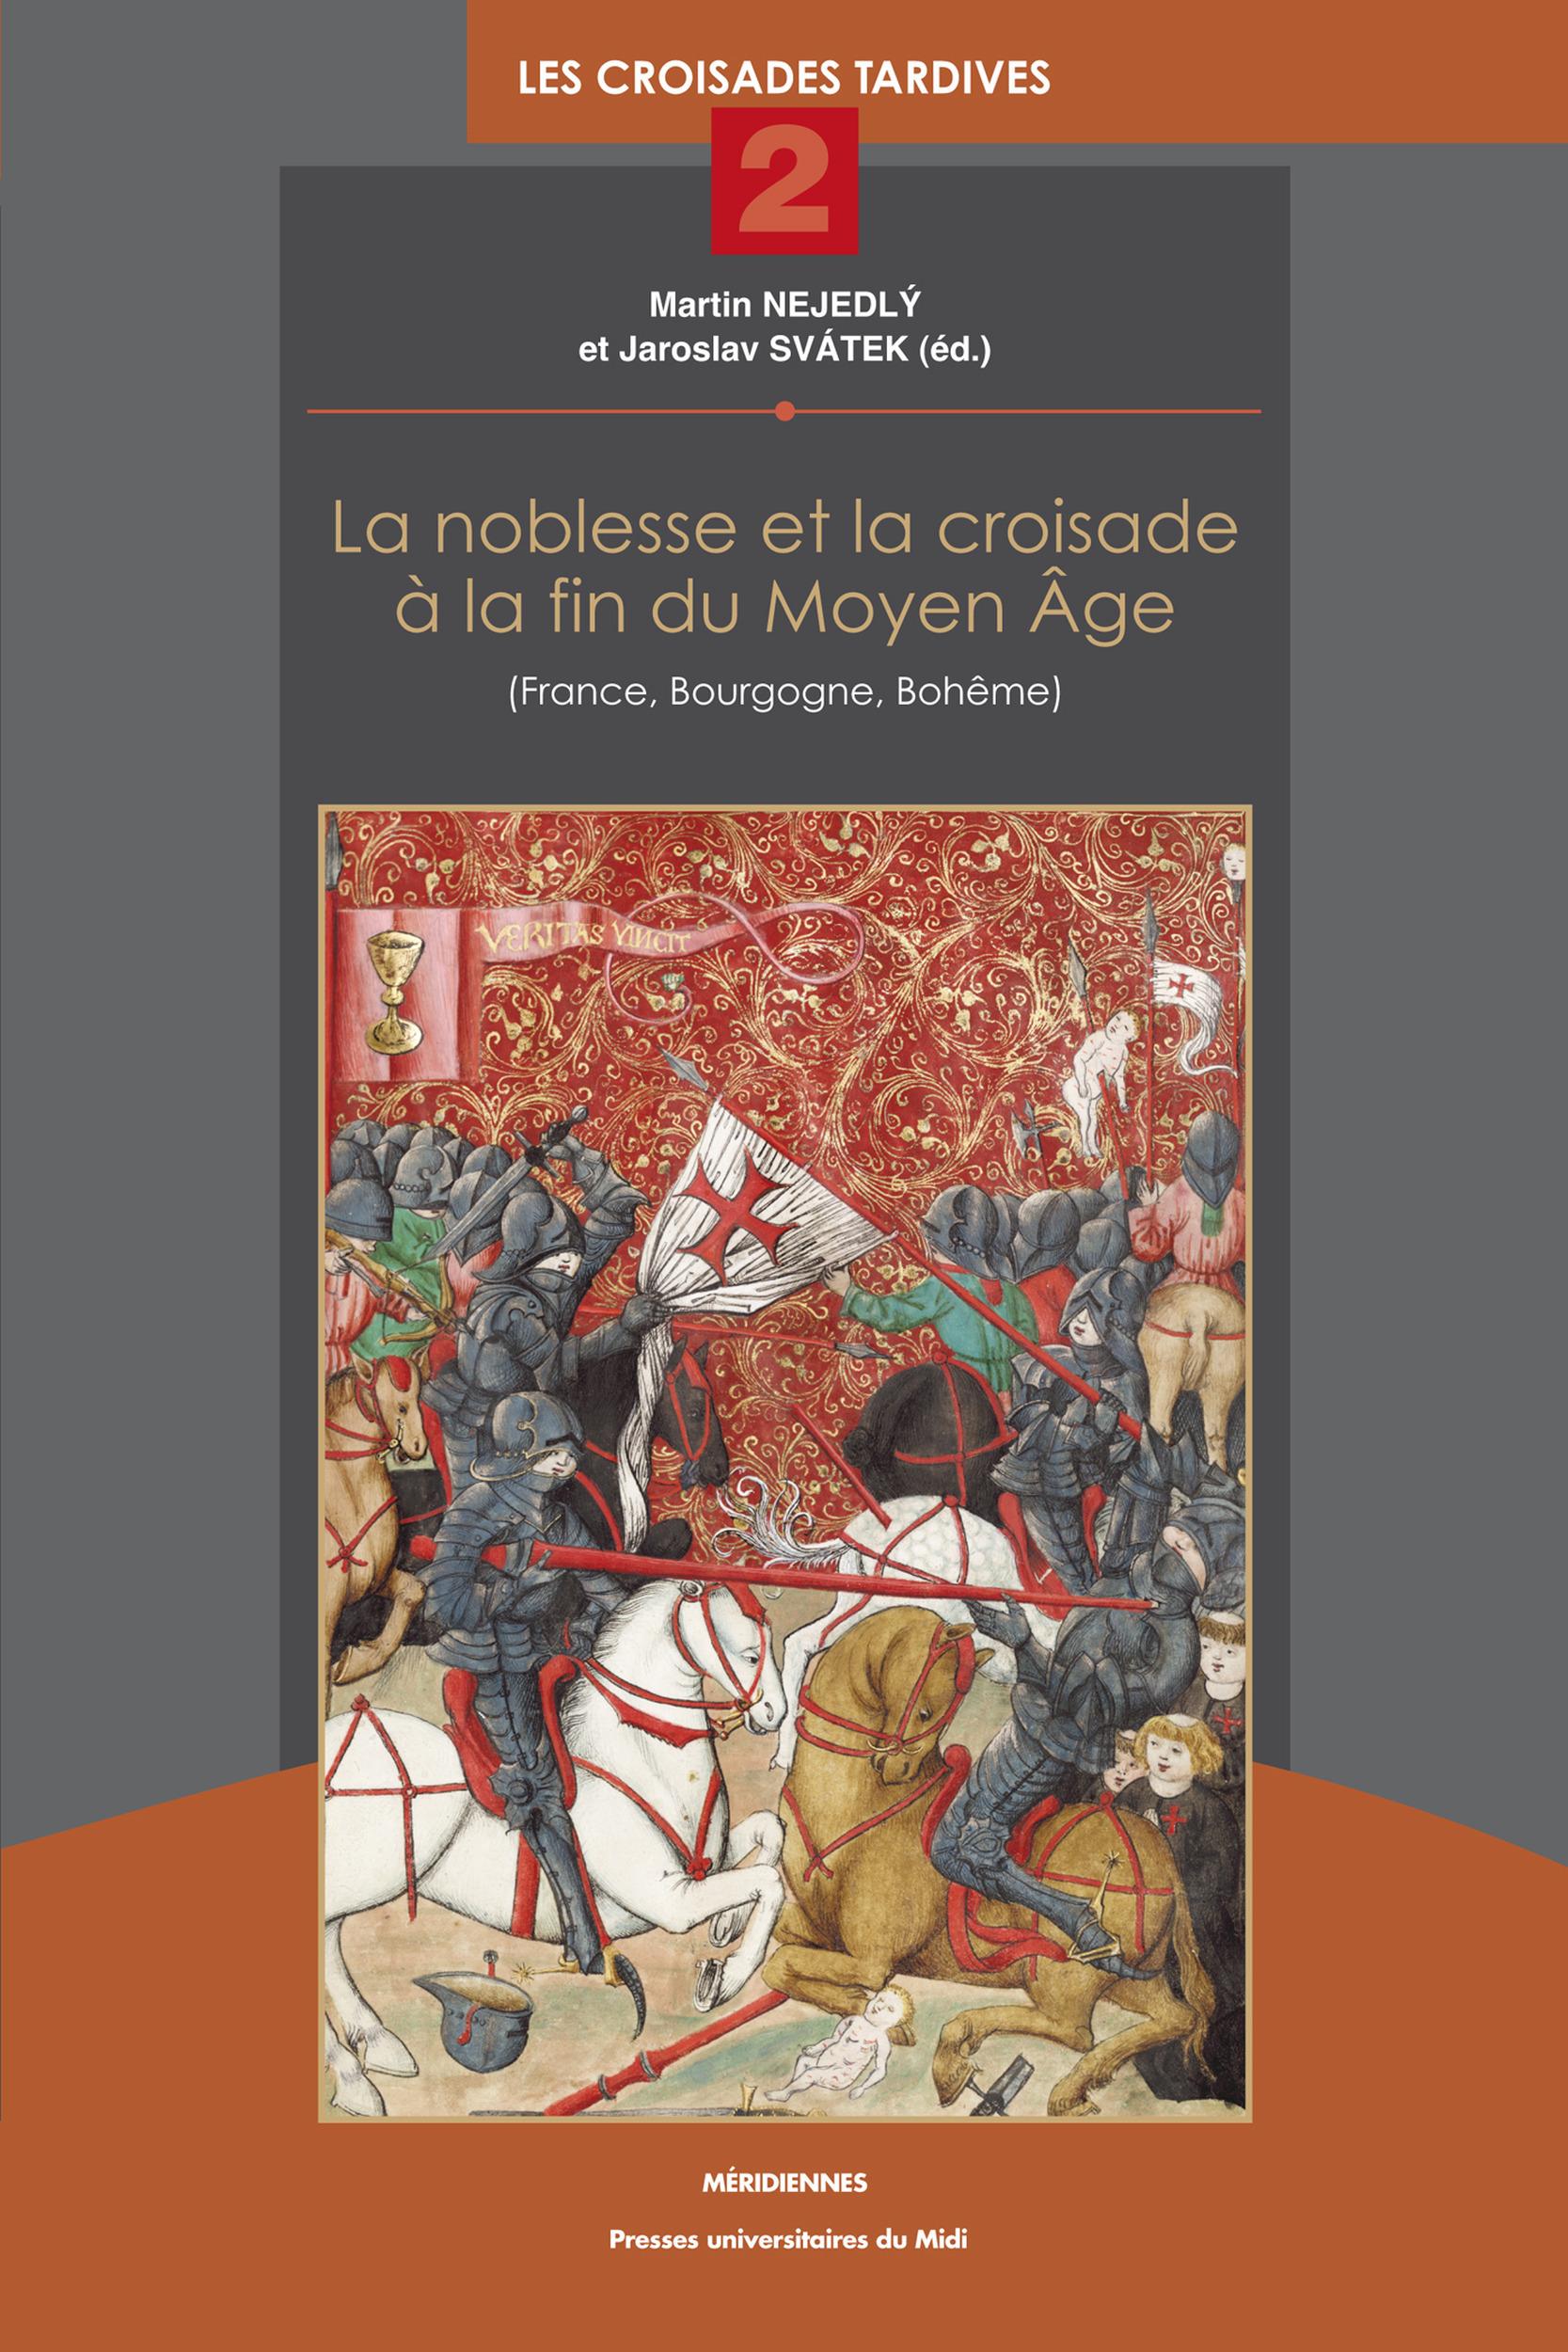 Noblesse et la croisade a la fin du moyen age